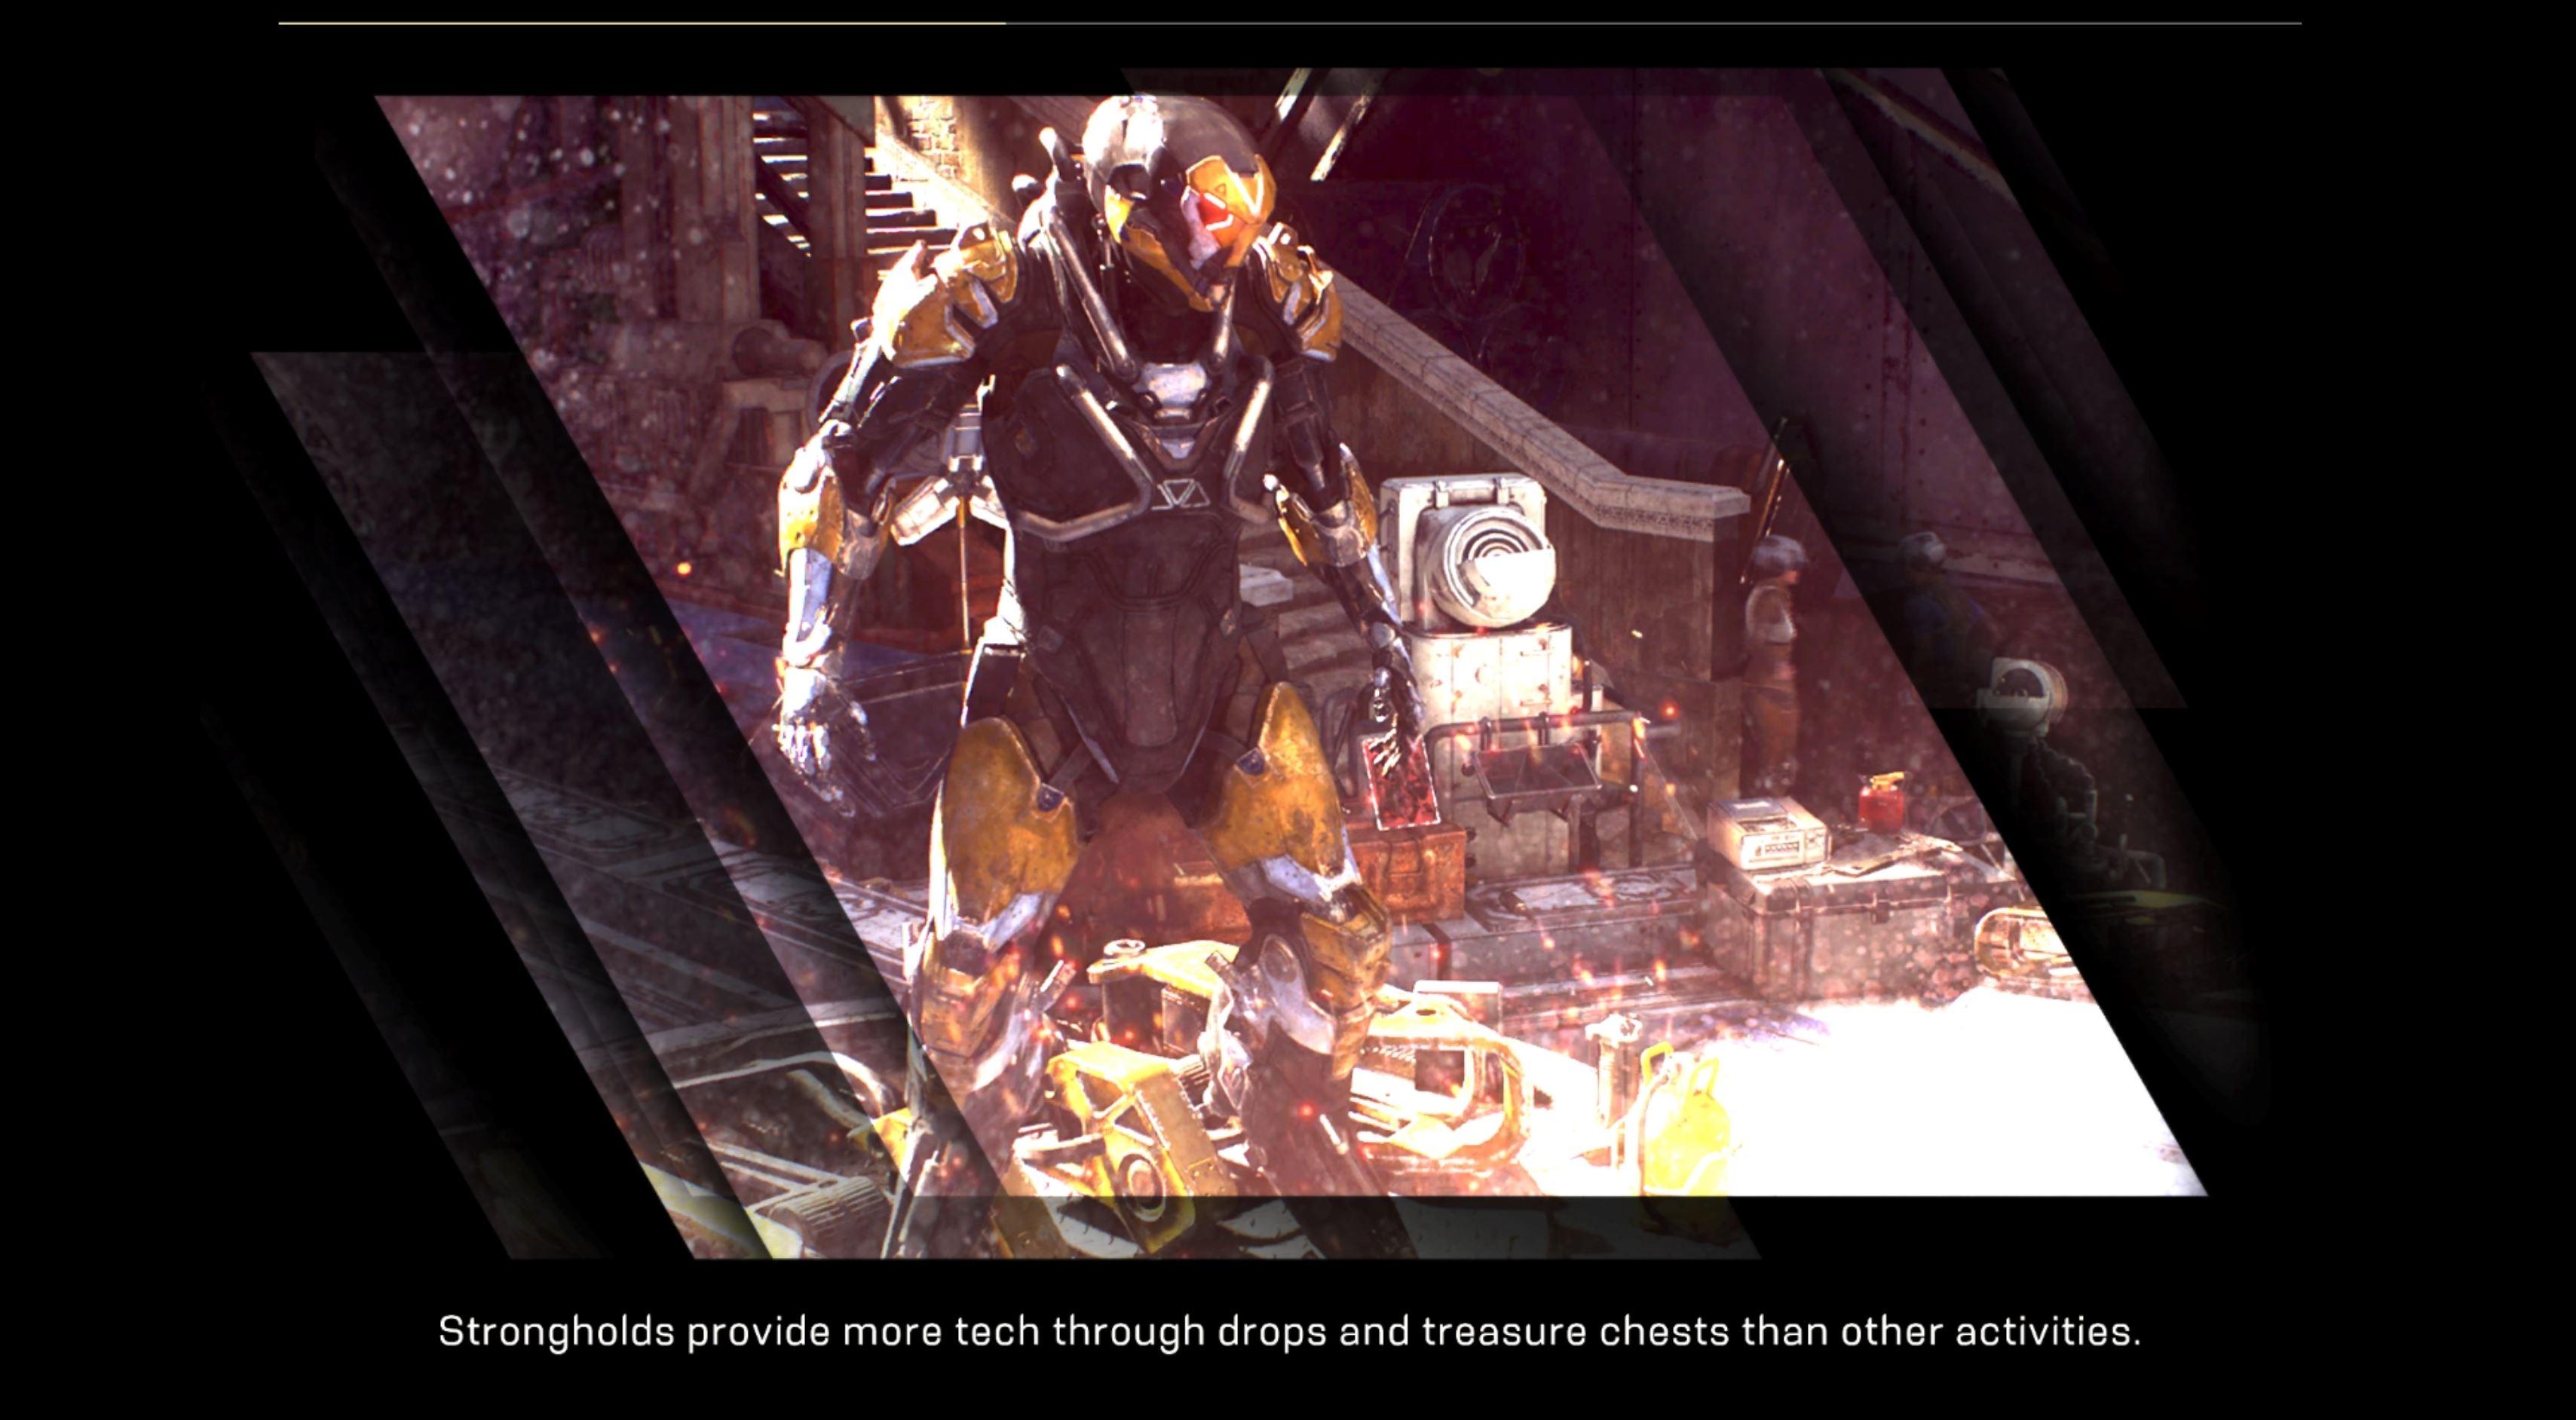 テレビゲーム「ANTHEM」のロード時間が永遠に続くバグのアイキャッチ画像